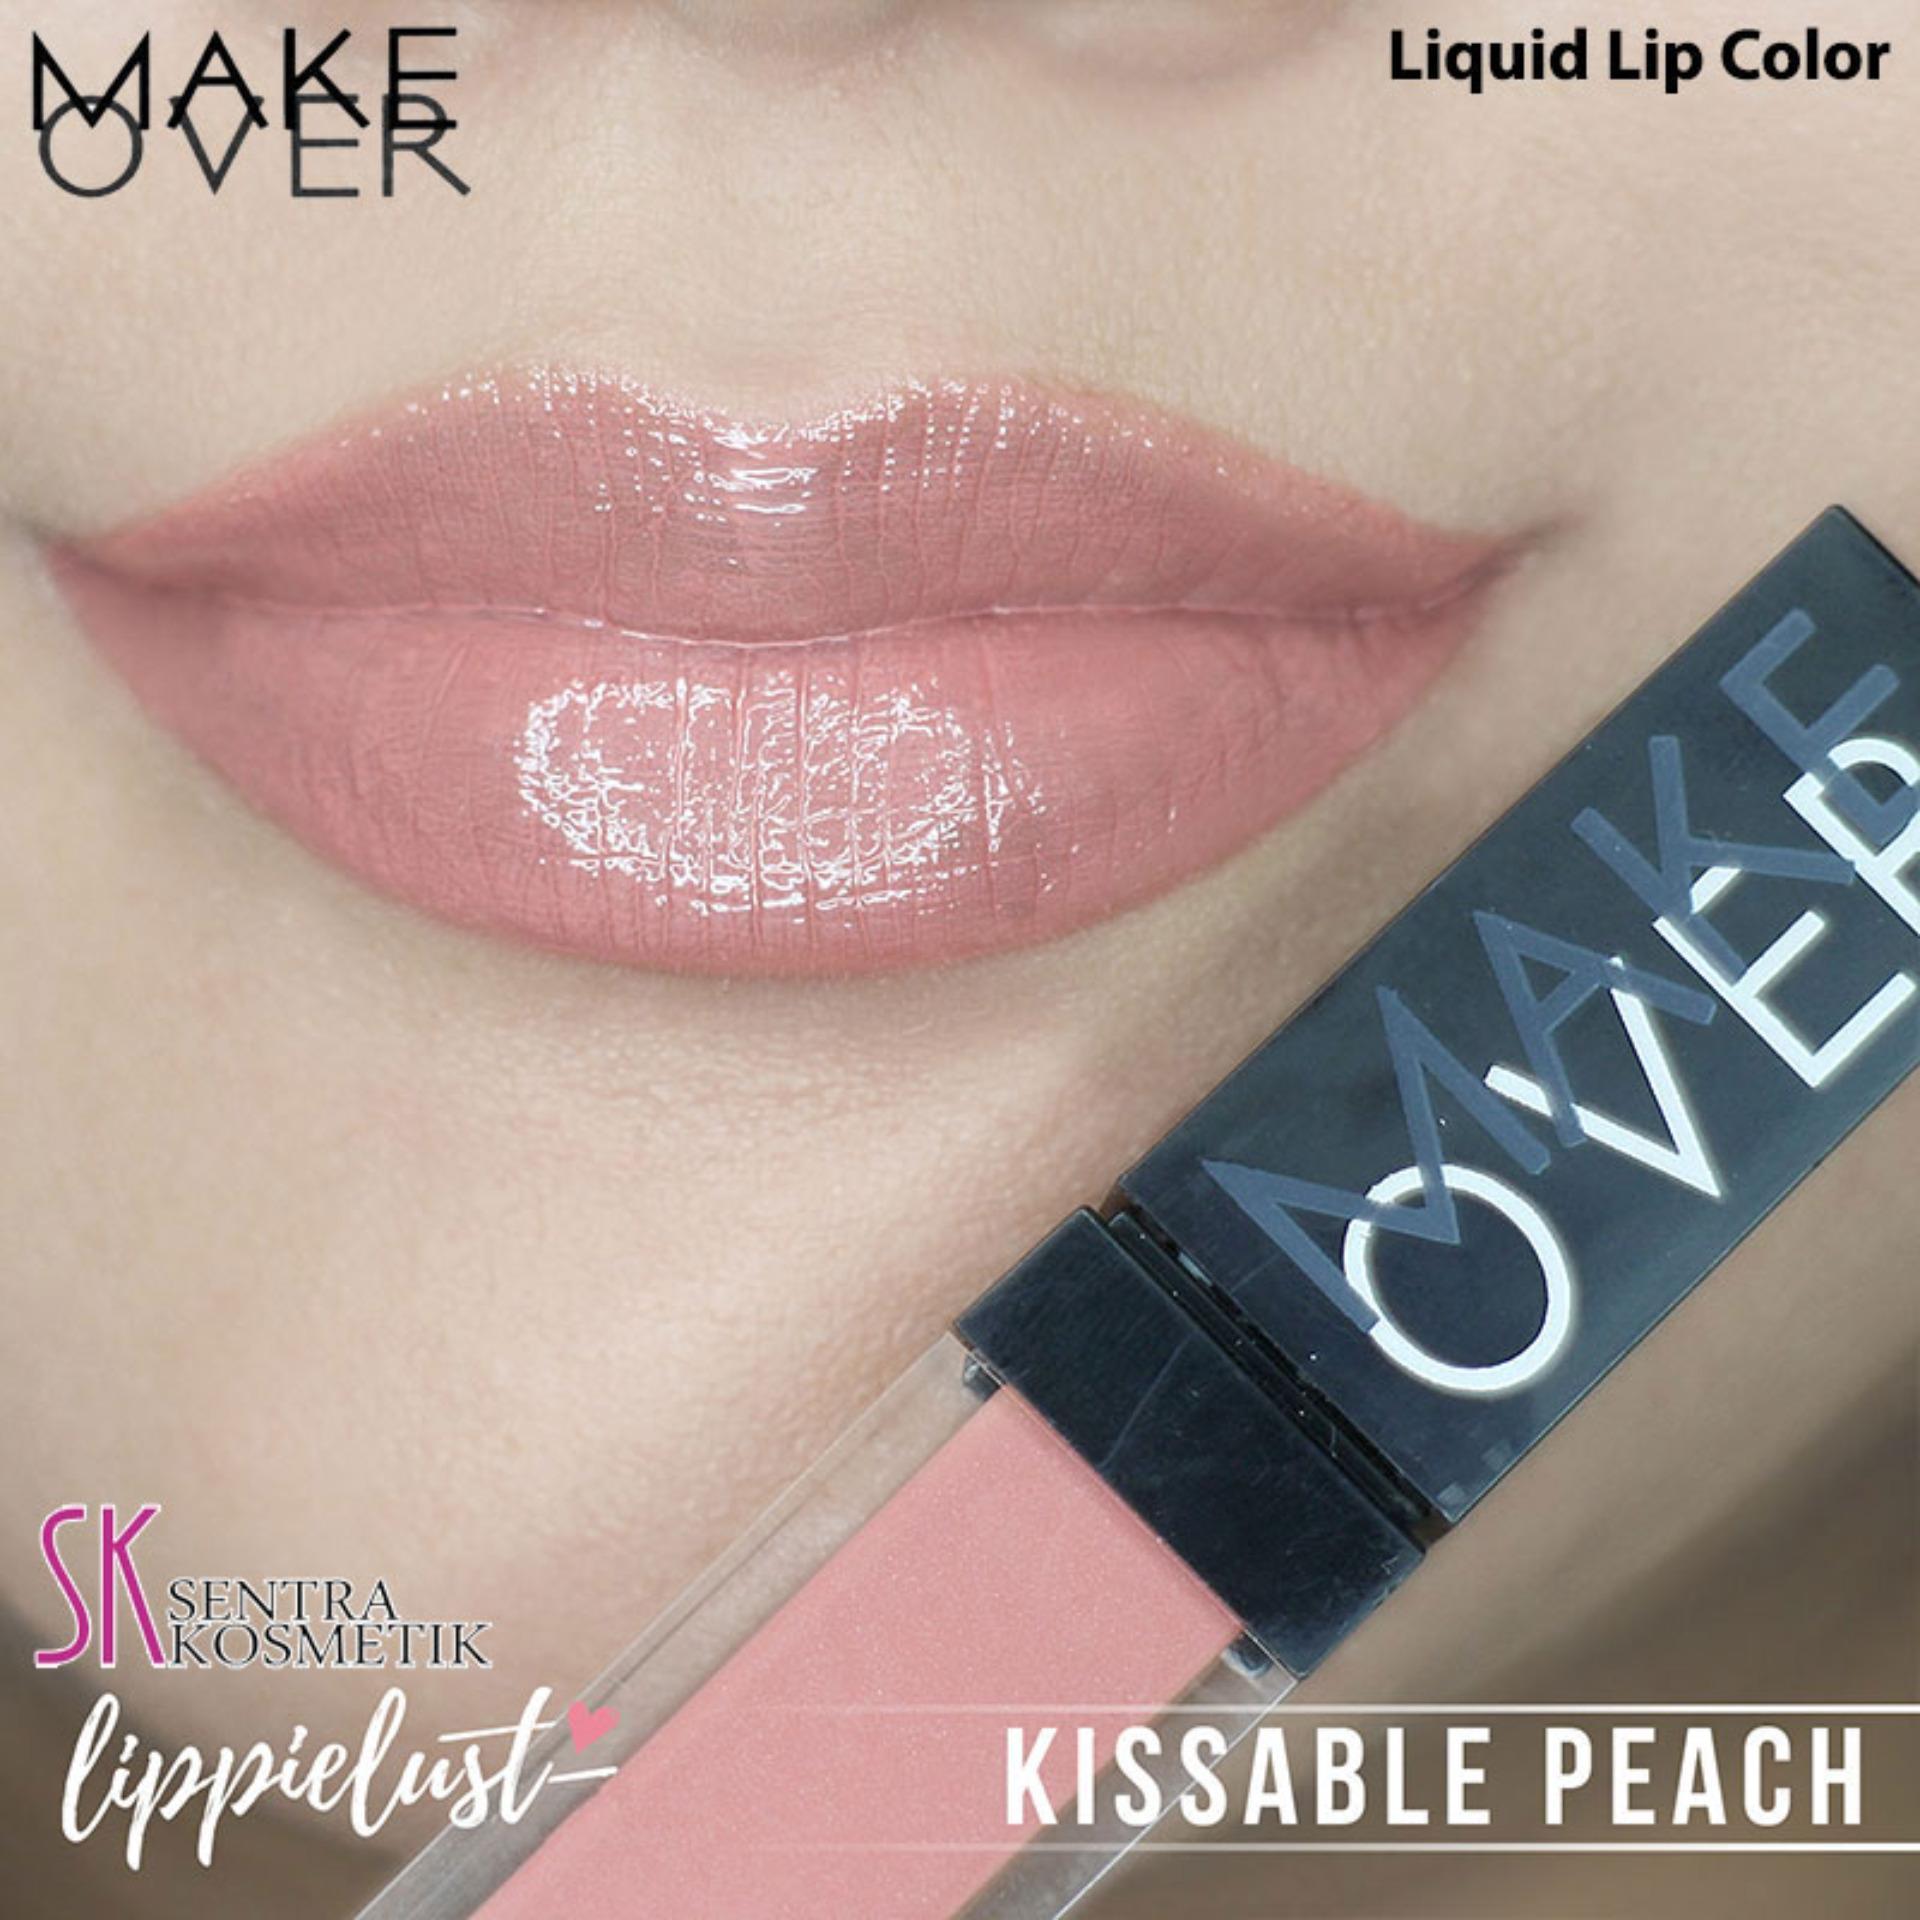 MAKE OVER Liquid Lip Color - Kissable Peach